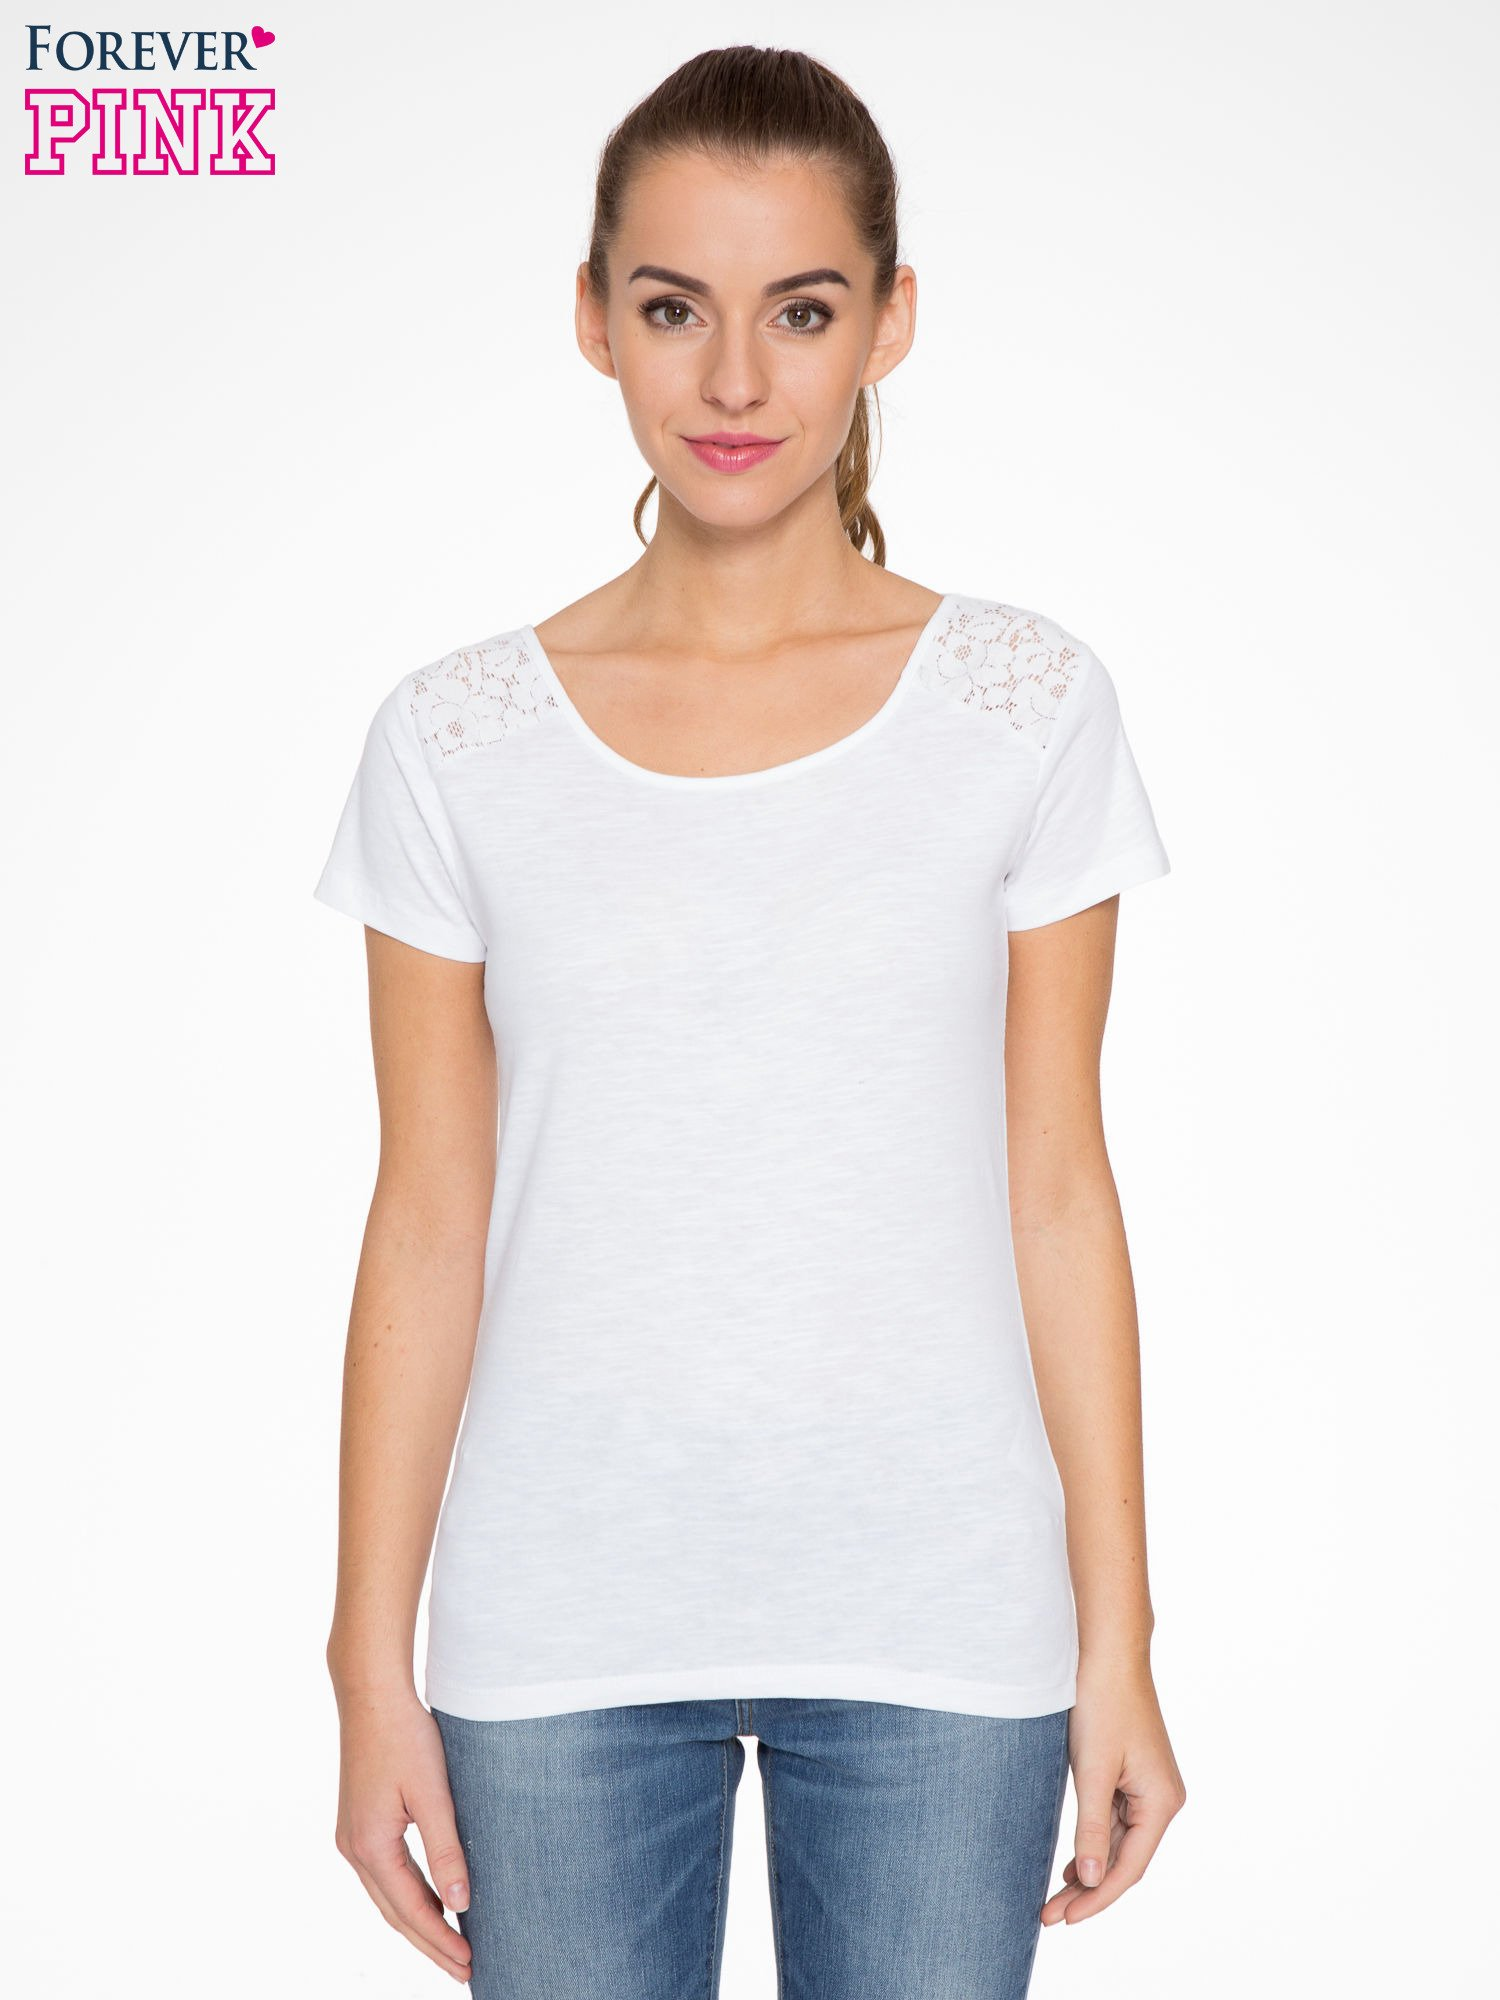 Biały t-shirt z koronkową wstawką na ramionach                                  zdj.                                  1